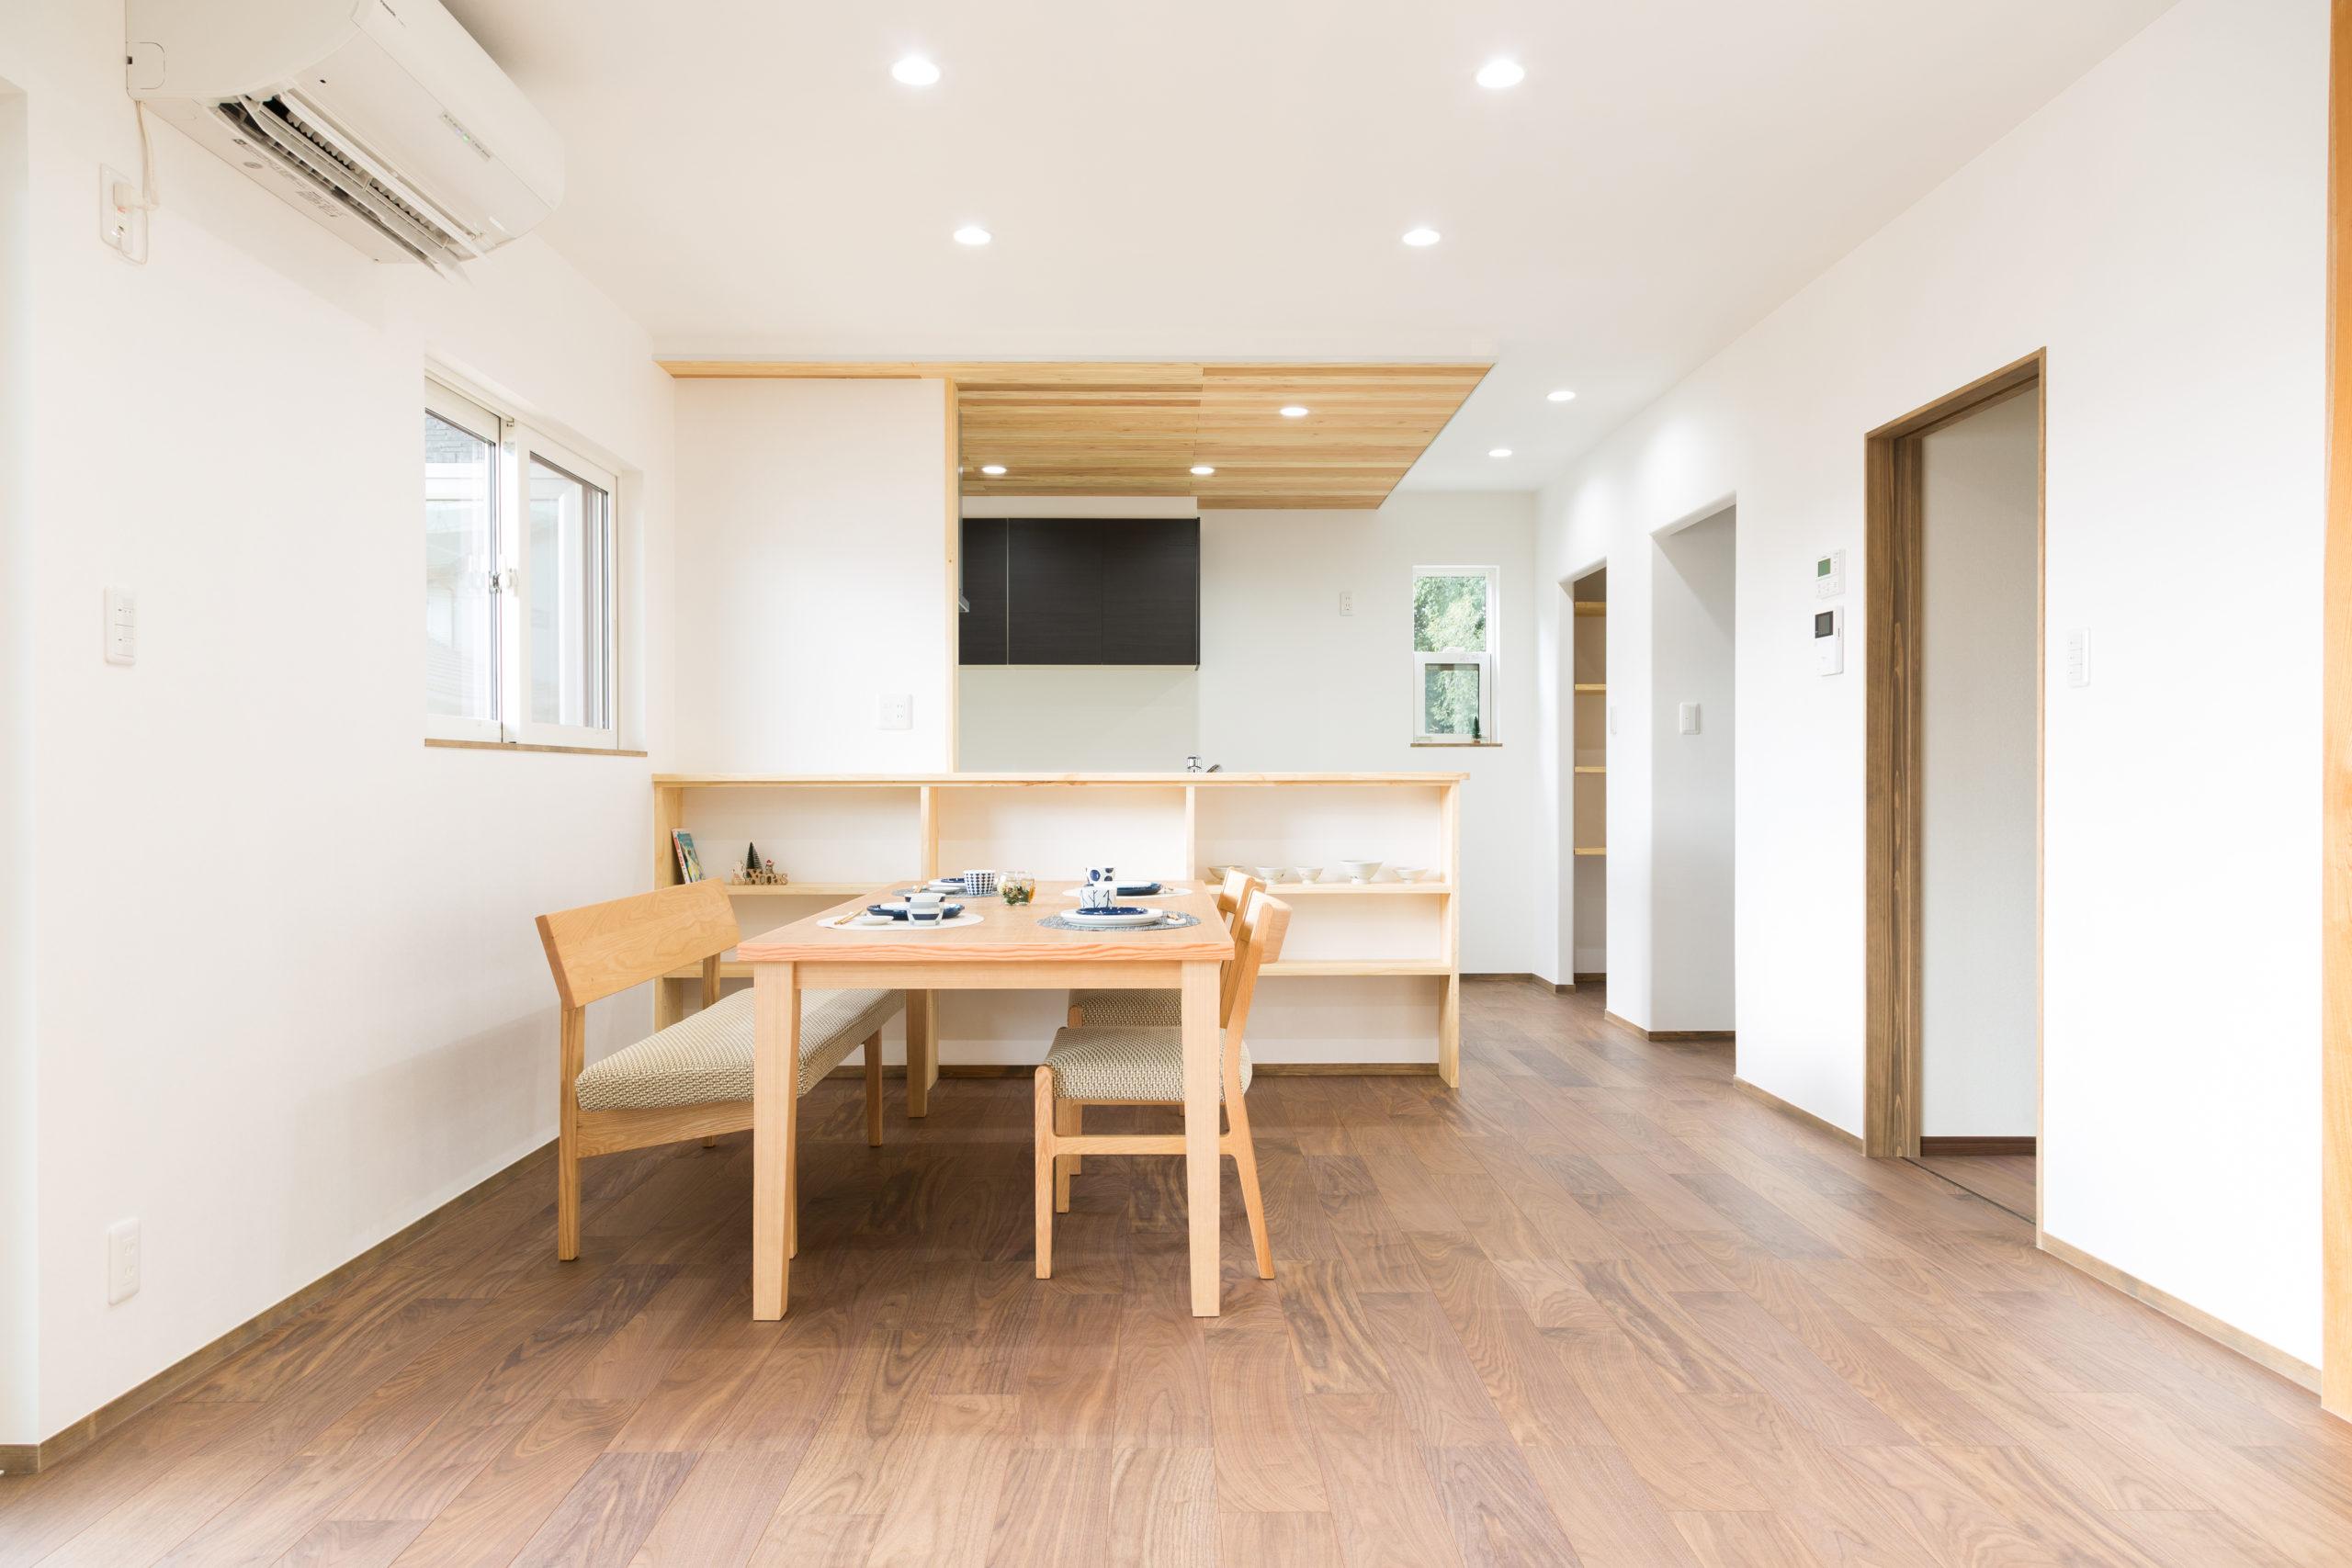 和紙の壁紙と無垢材でやわらかい雰囲気のLDK(キッチン向き)